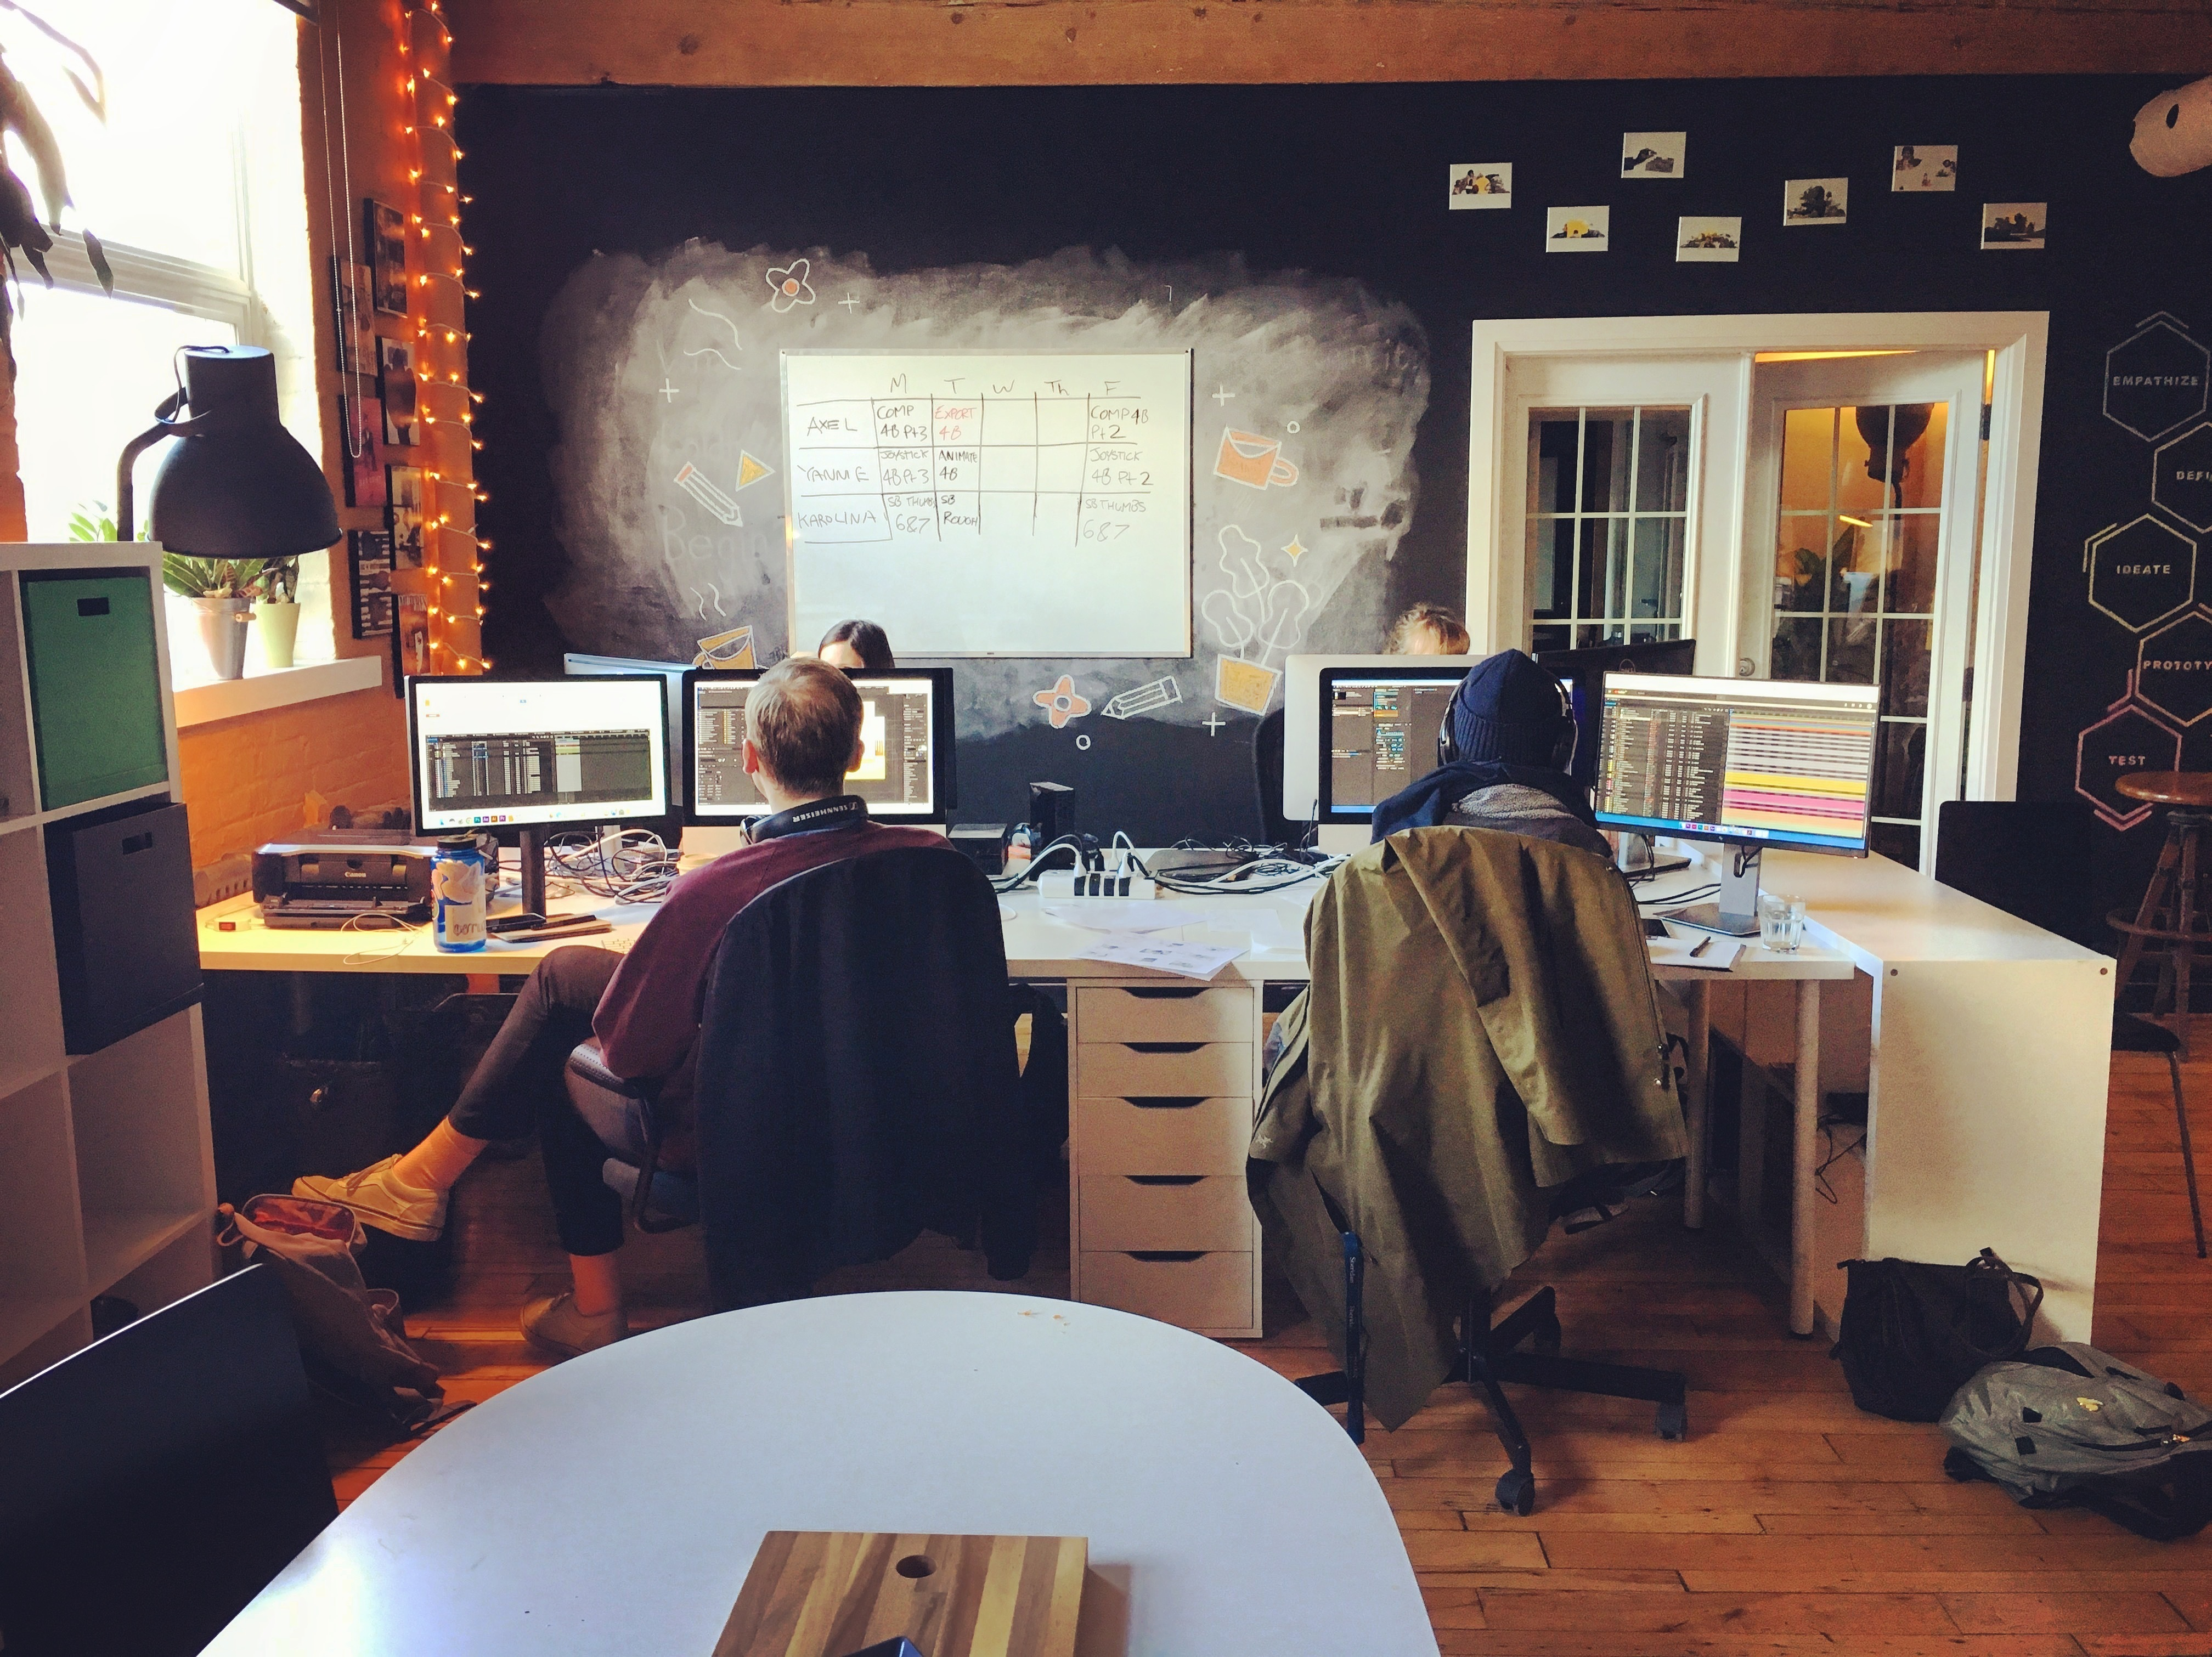 Sandbox team working at their desks in the office.